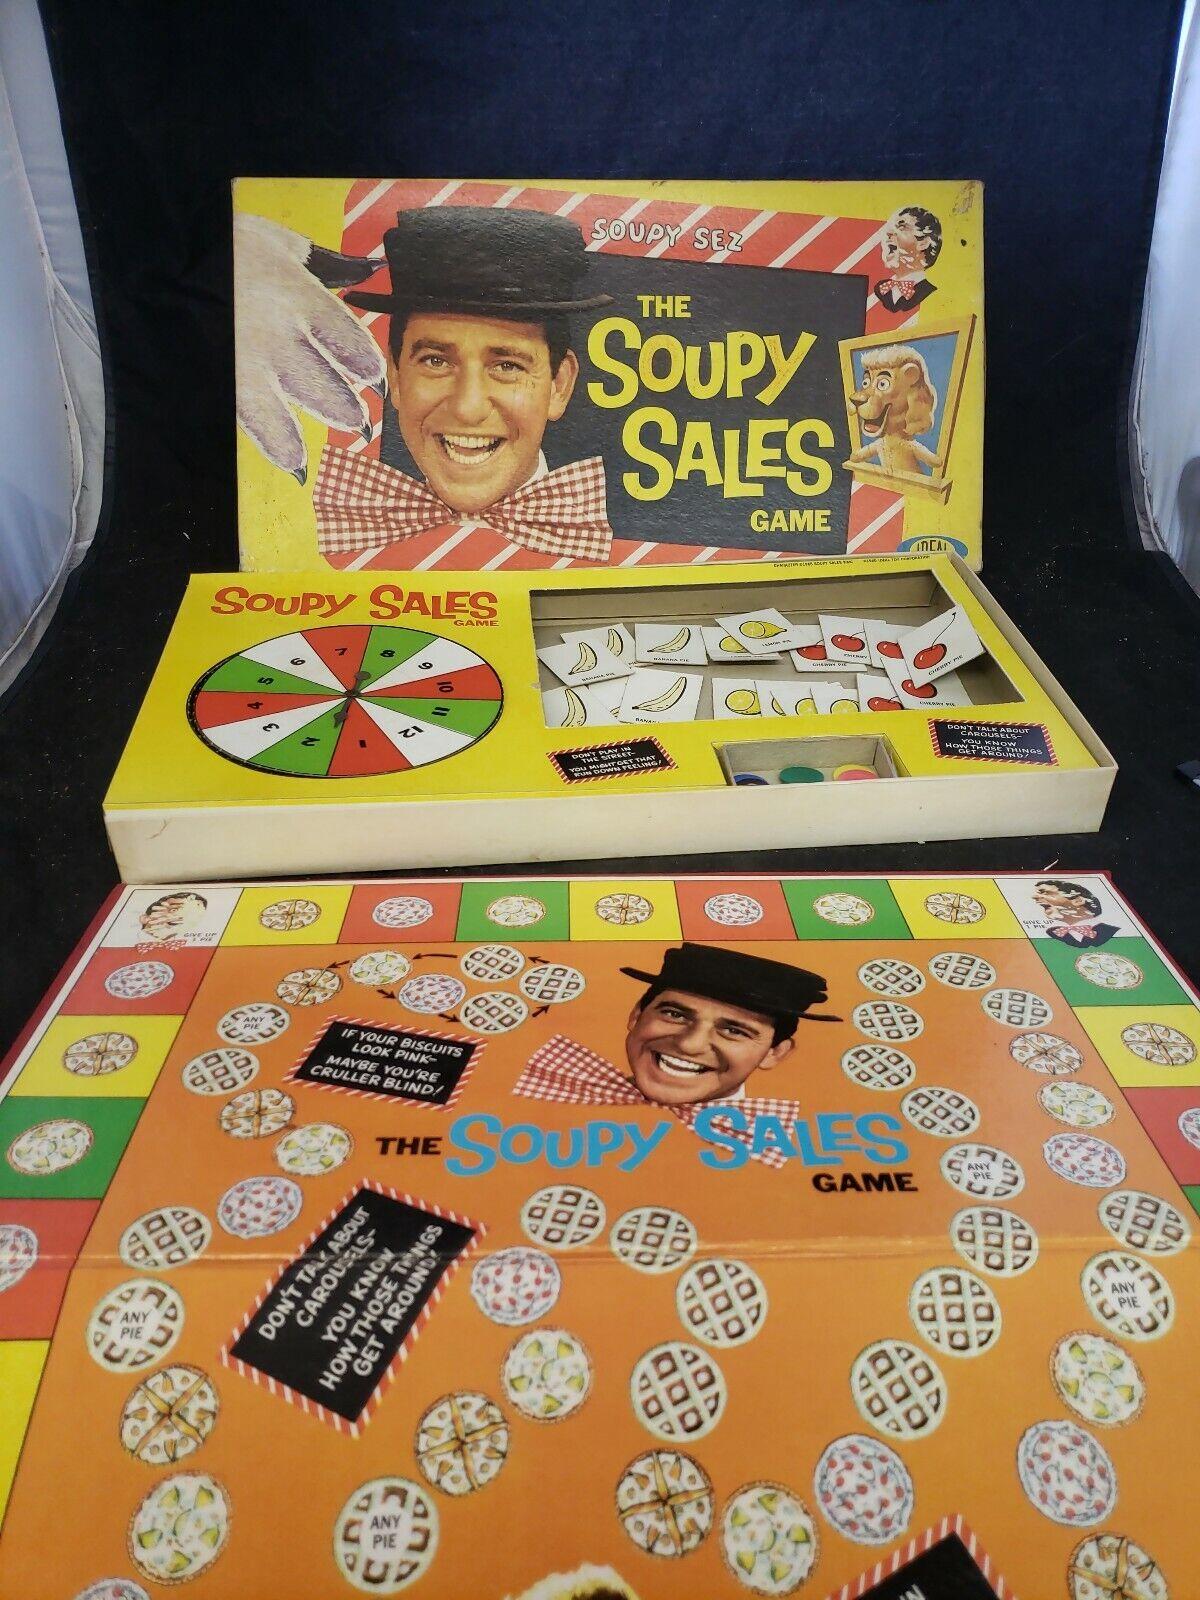 L'épais  ventes Board Game 1965 idéal épais ventes complet 2283-0 (f1)  il y a plus de marques de produits de haute qualité